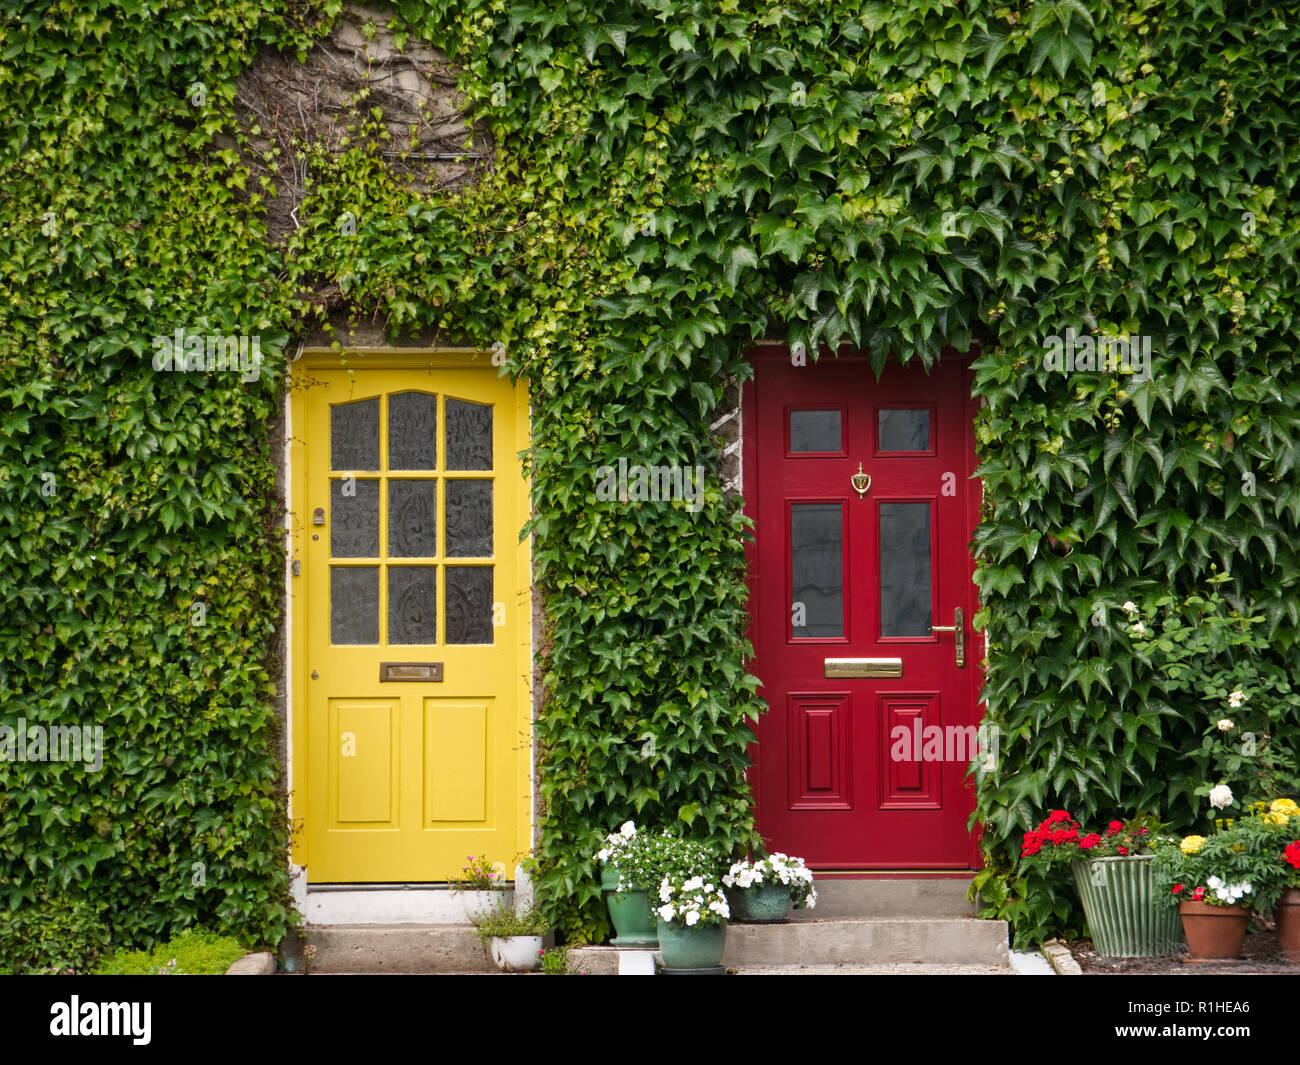 Hausfassade In Irland Mit Efeu Und Zwei Turen In Gelb Und Rot